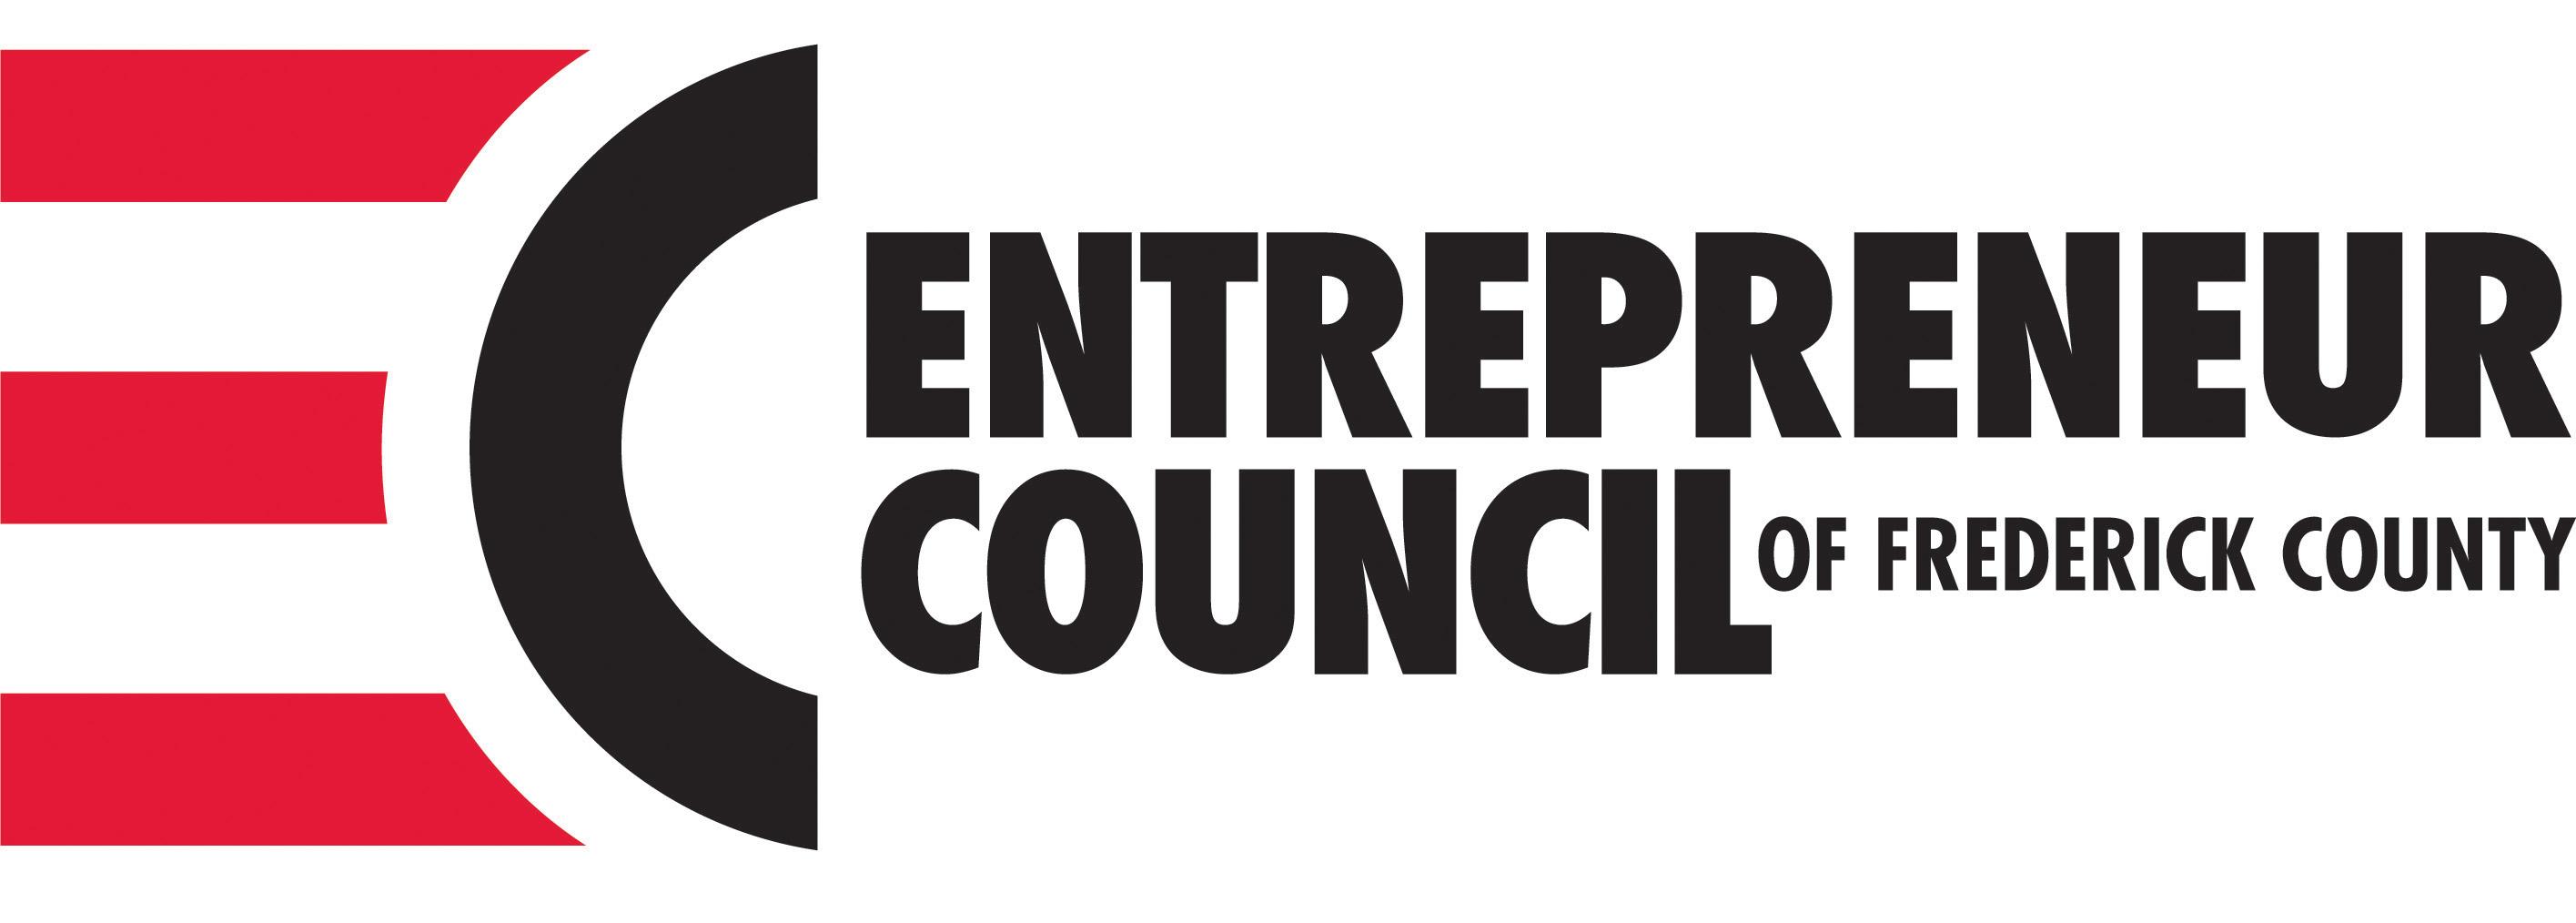 Entrepreneur Council Logo